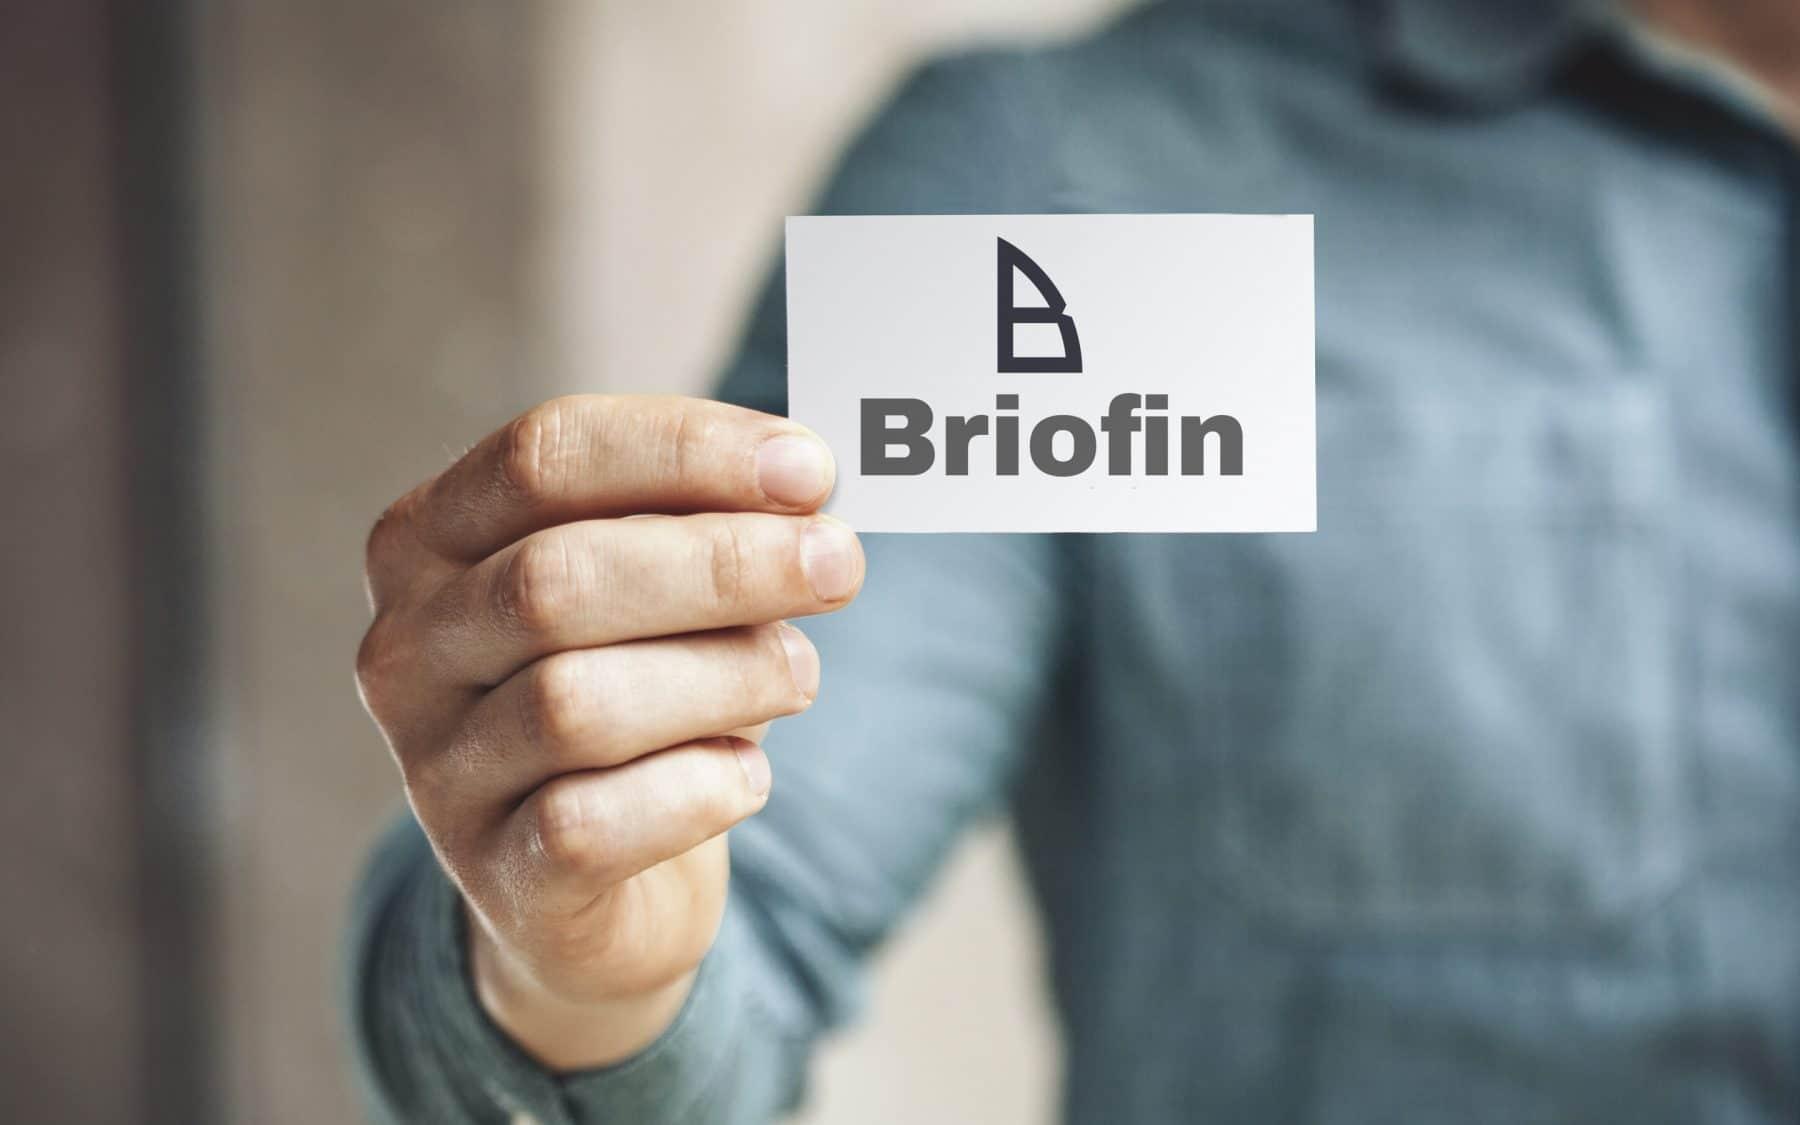 Briofin